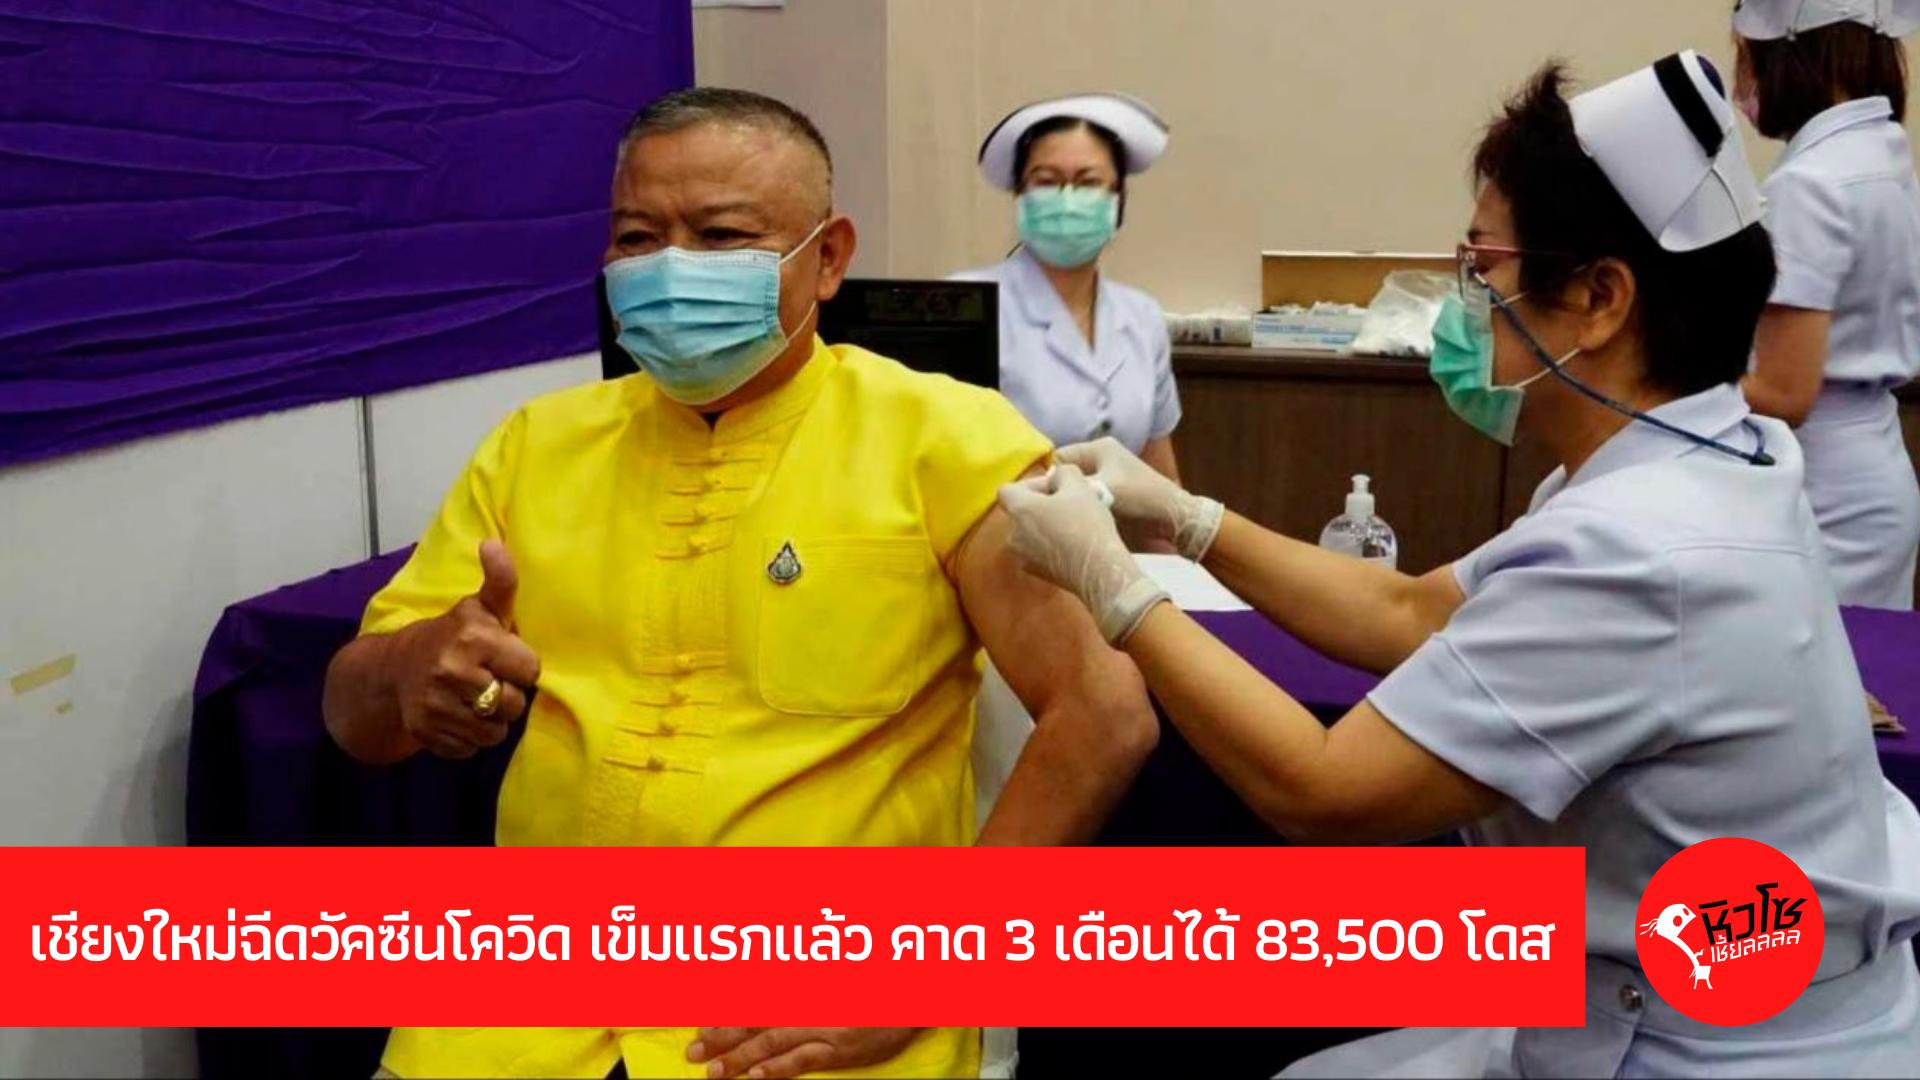 เชียงใหม่ฉีดวัคซีนโควิด เข็มแรกแล้ว คาด 3 เดือนได้ 83,500 โดส